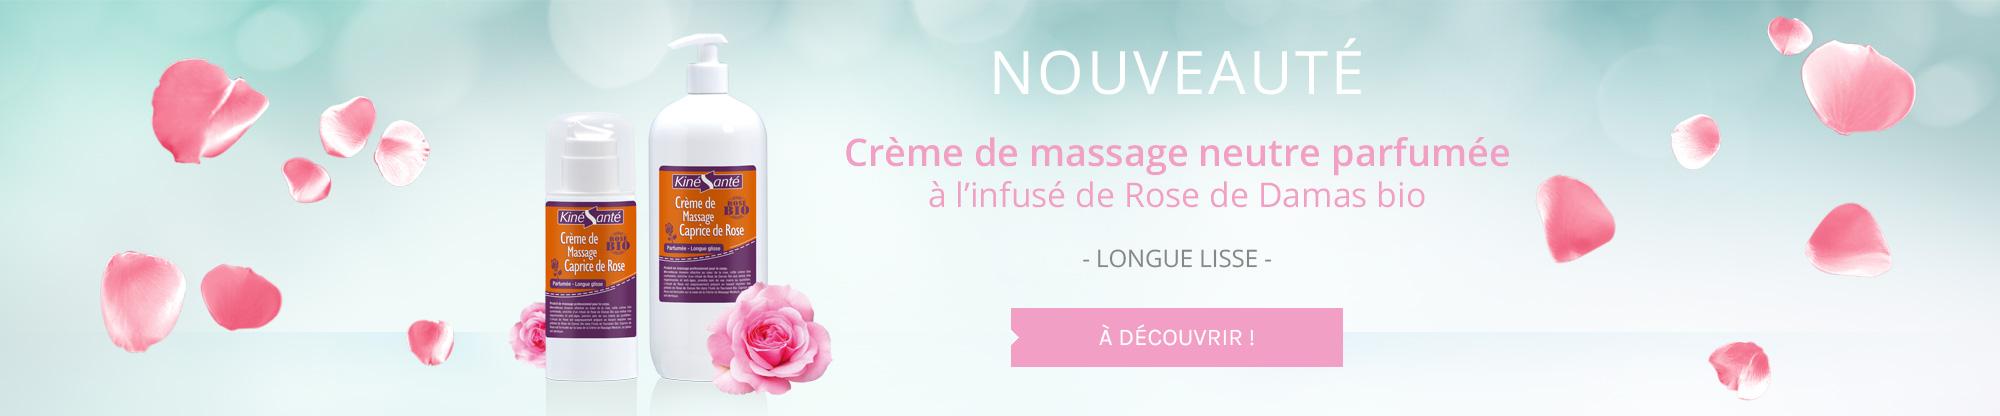 NOUVEAUTE - Creme Caprice de Rose